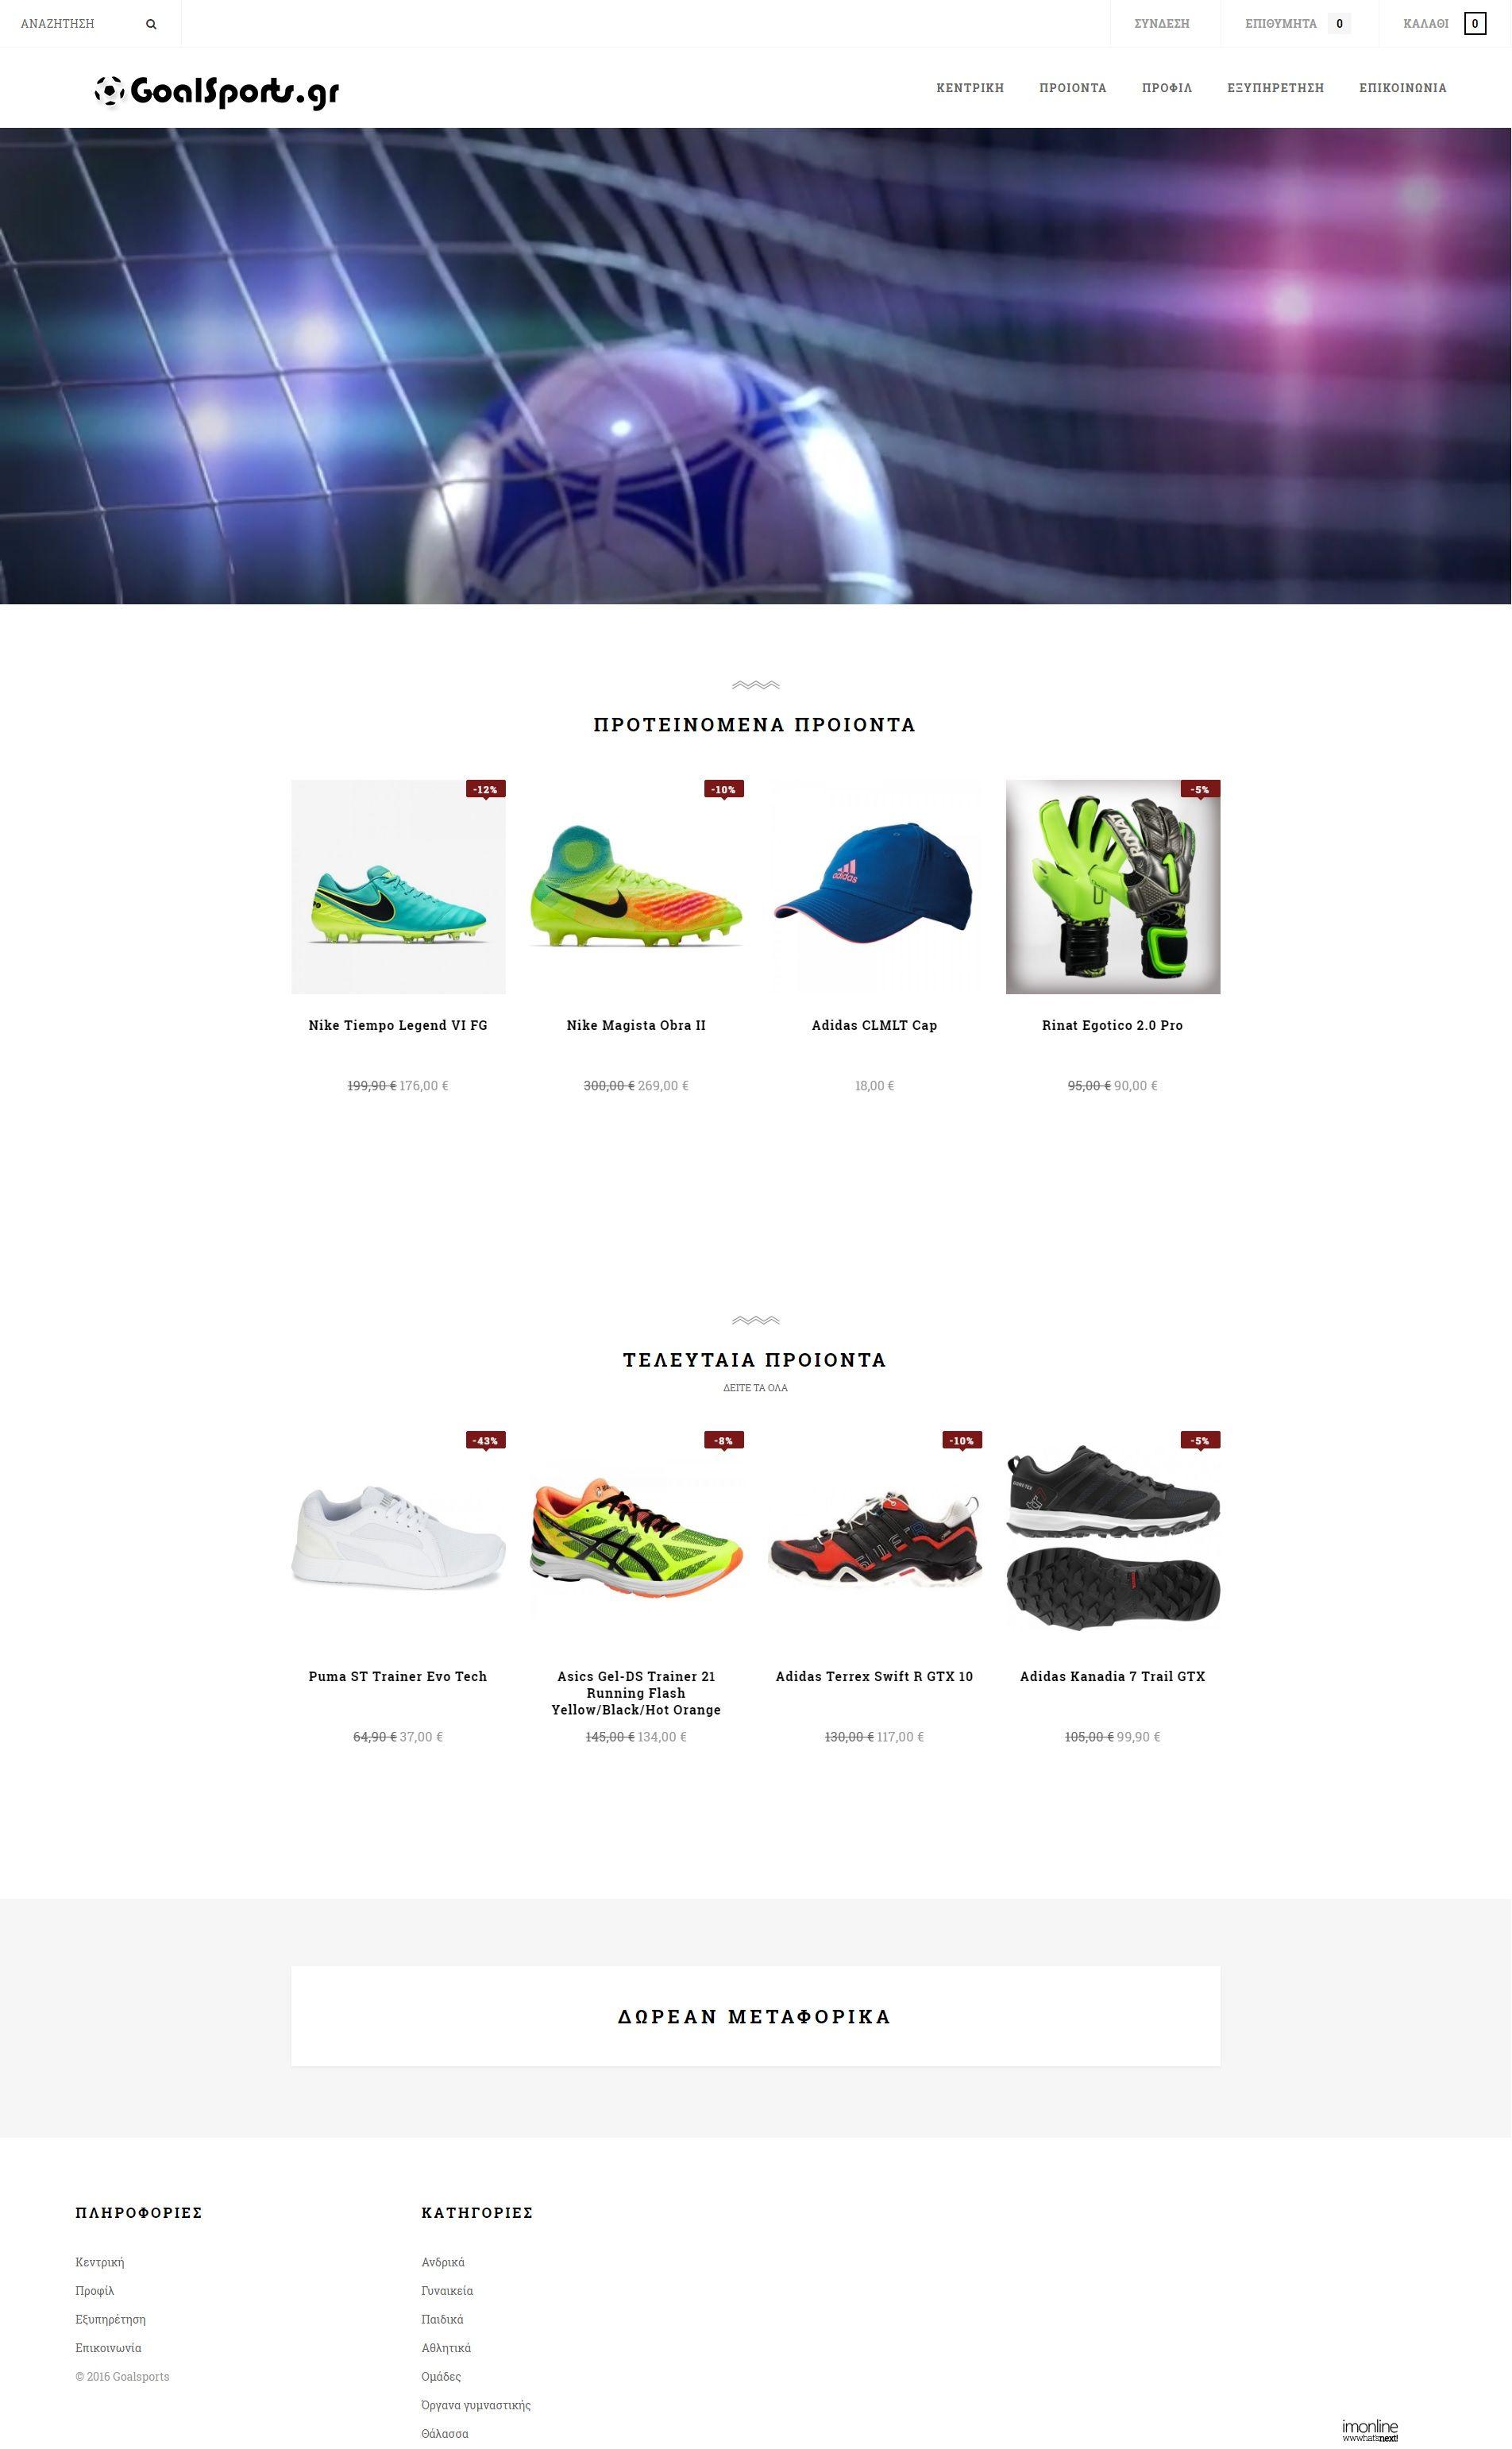 a5a49ea40b8 Το goalsports.gr αποτελεί μια ανερχόμενη εταιρεία - ηλεκτρονικό κατάστημα η  οποία ασχολείται με το